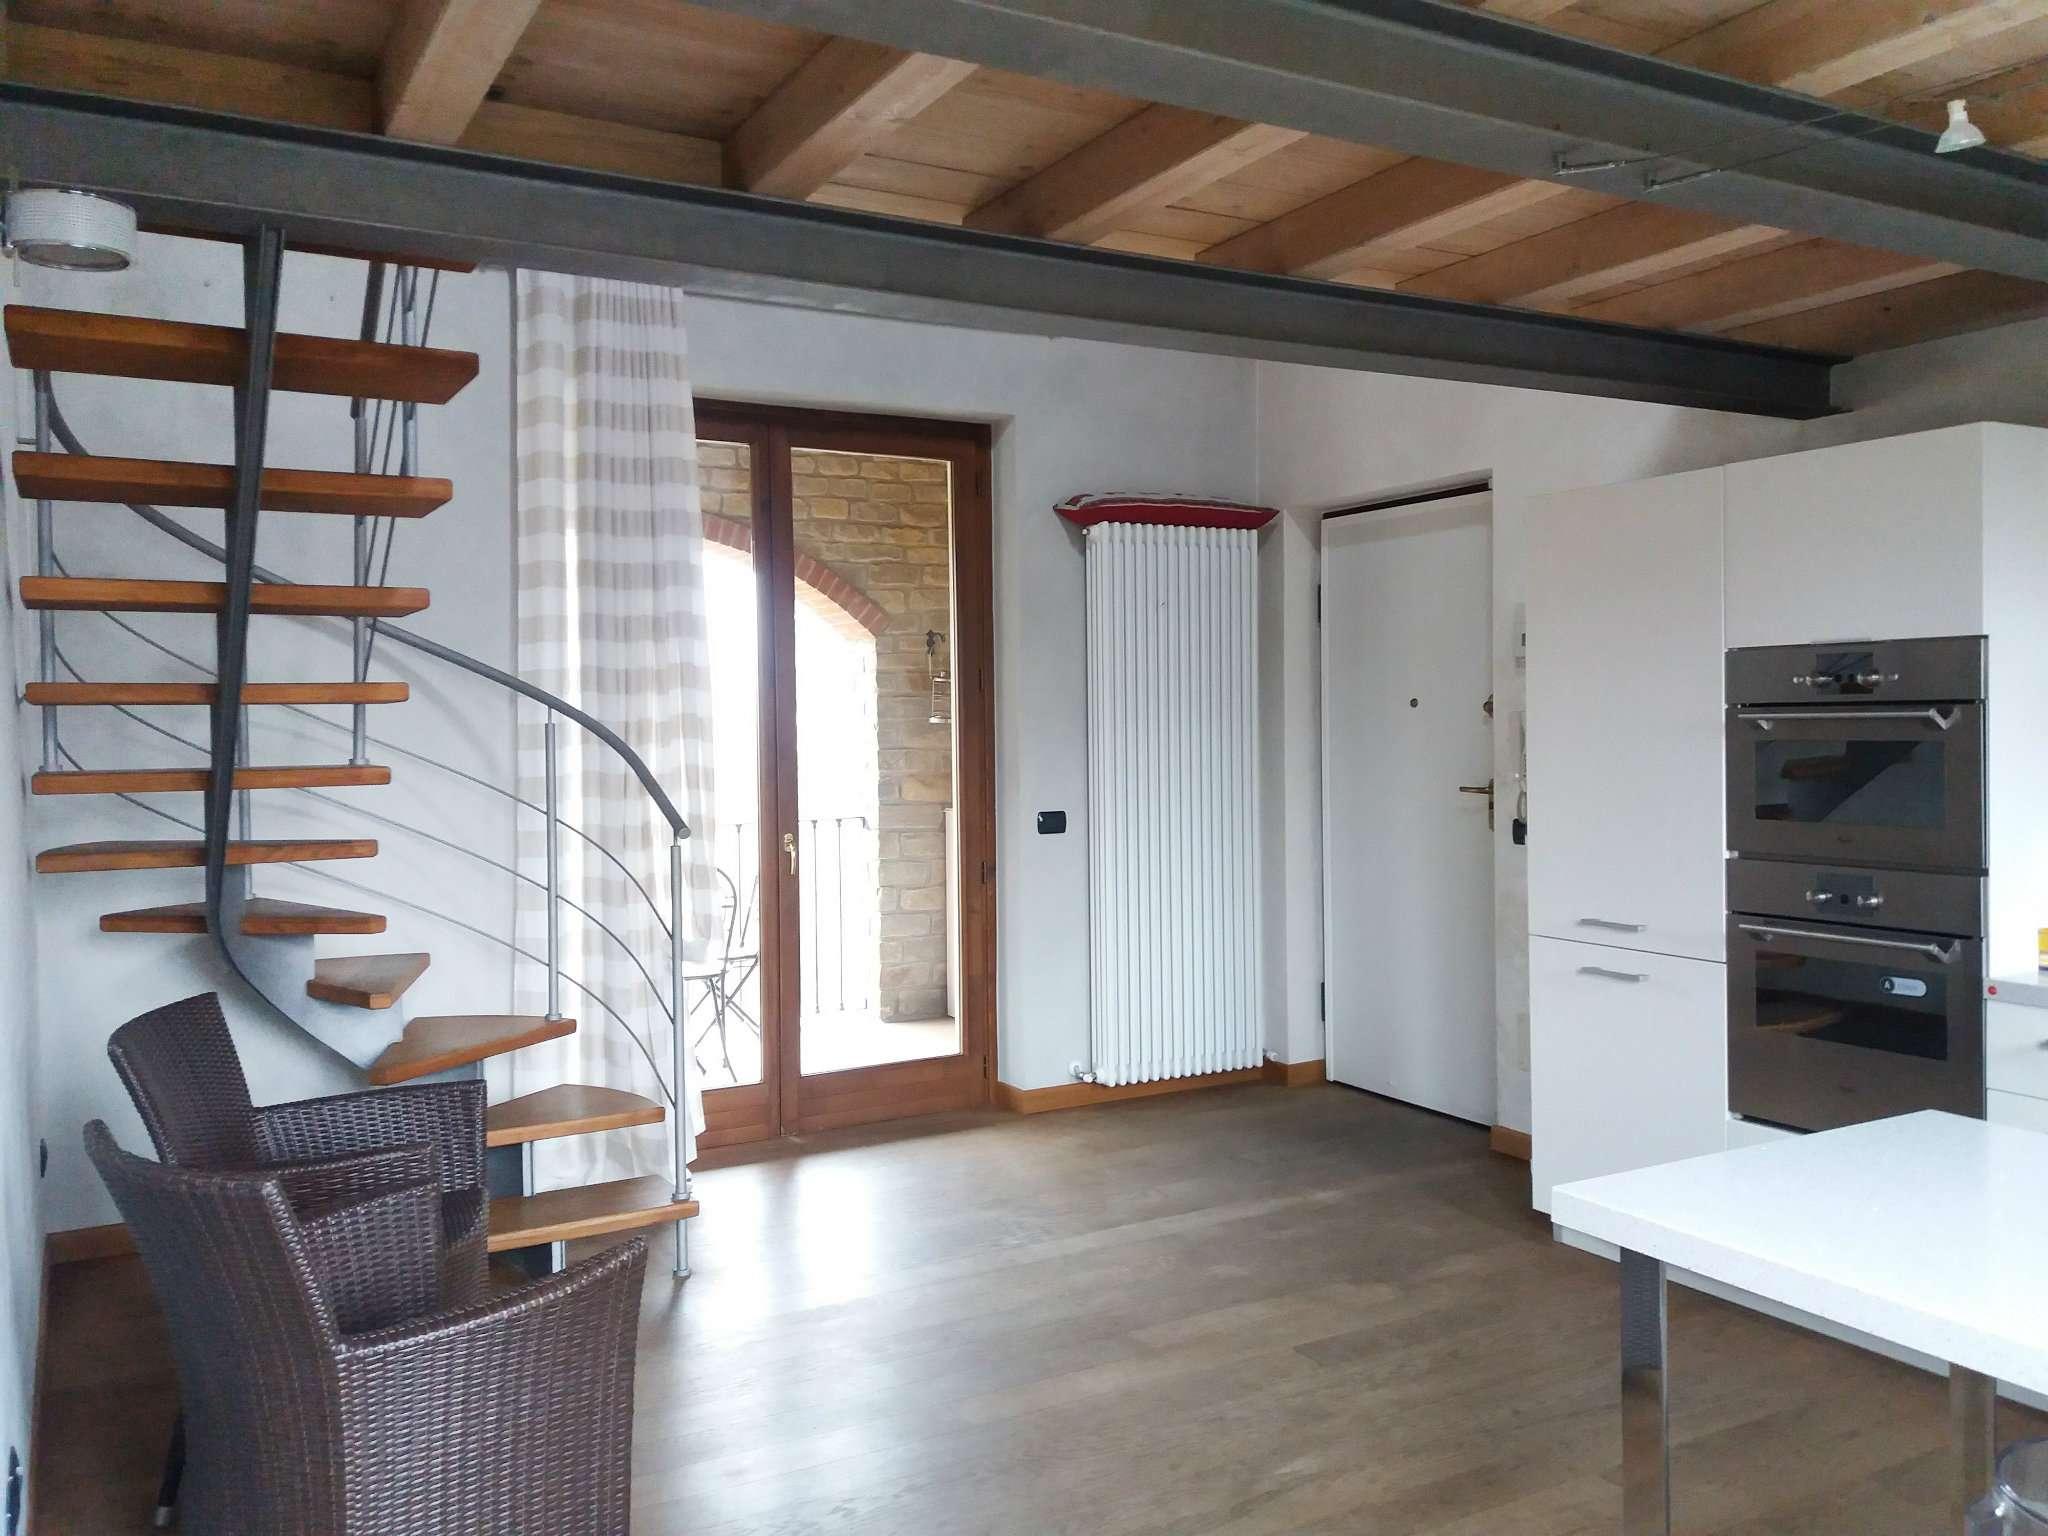 Appartamento in vendita a Capriata d'Orba, 3 locali, prezzo € 220.000 | CambioCasa.it